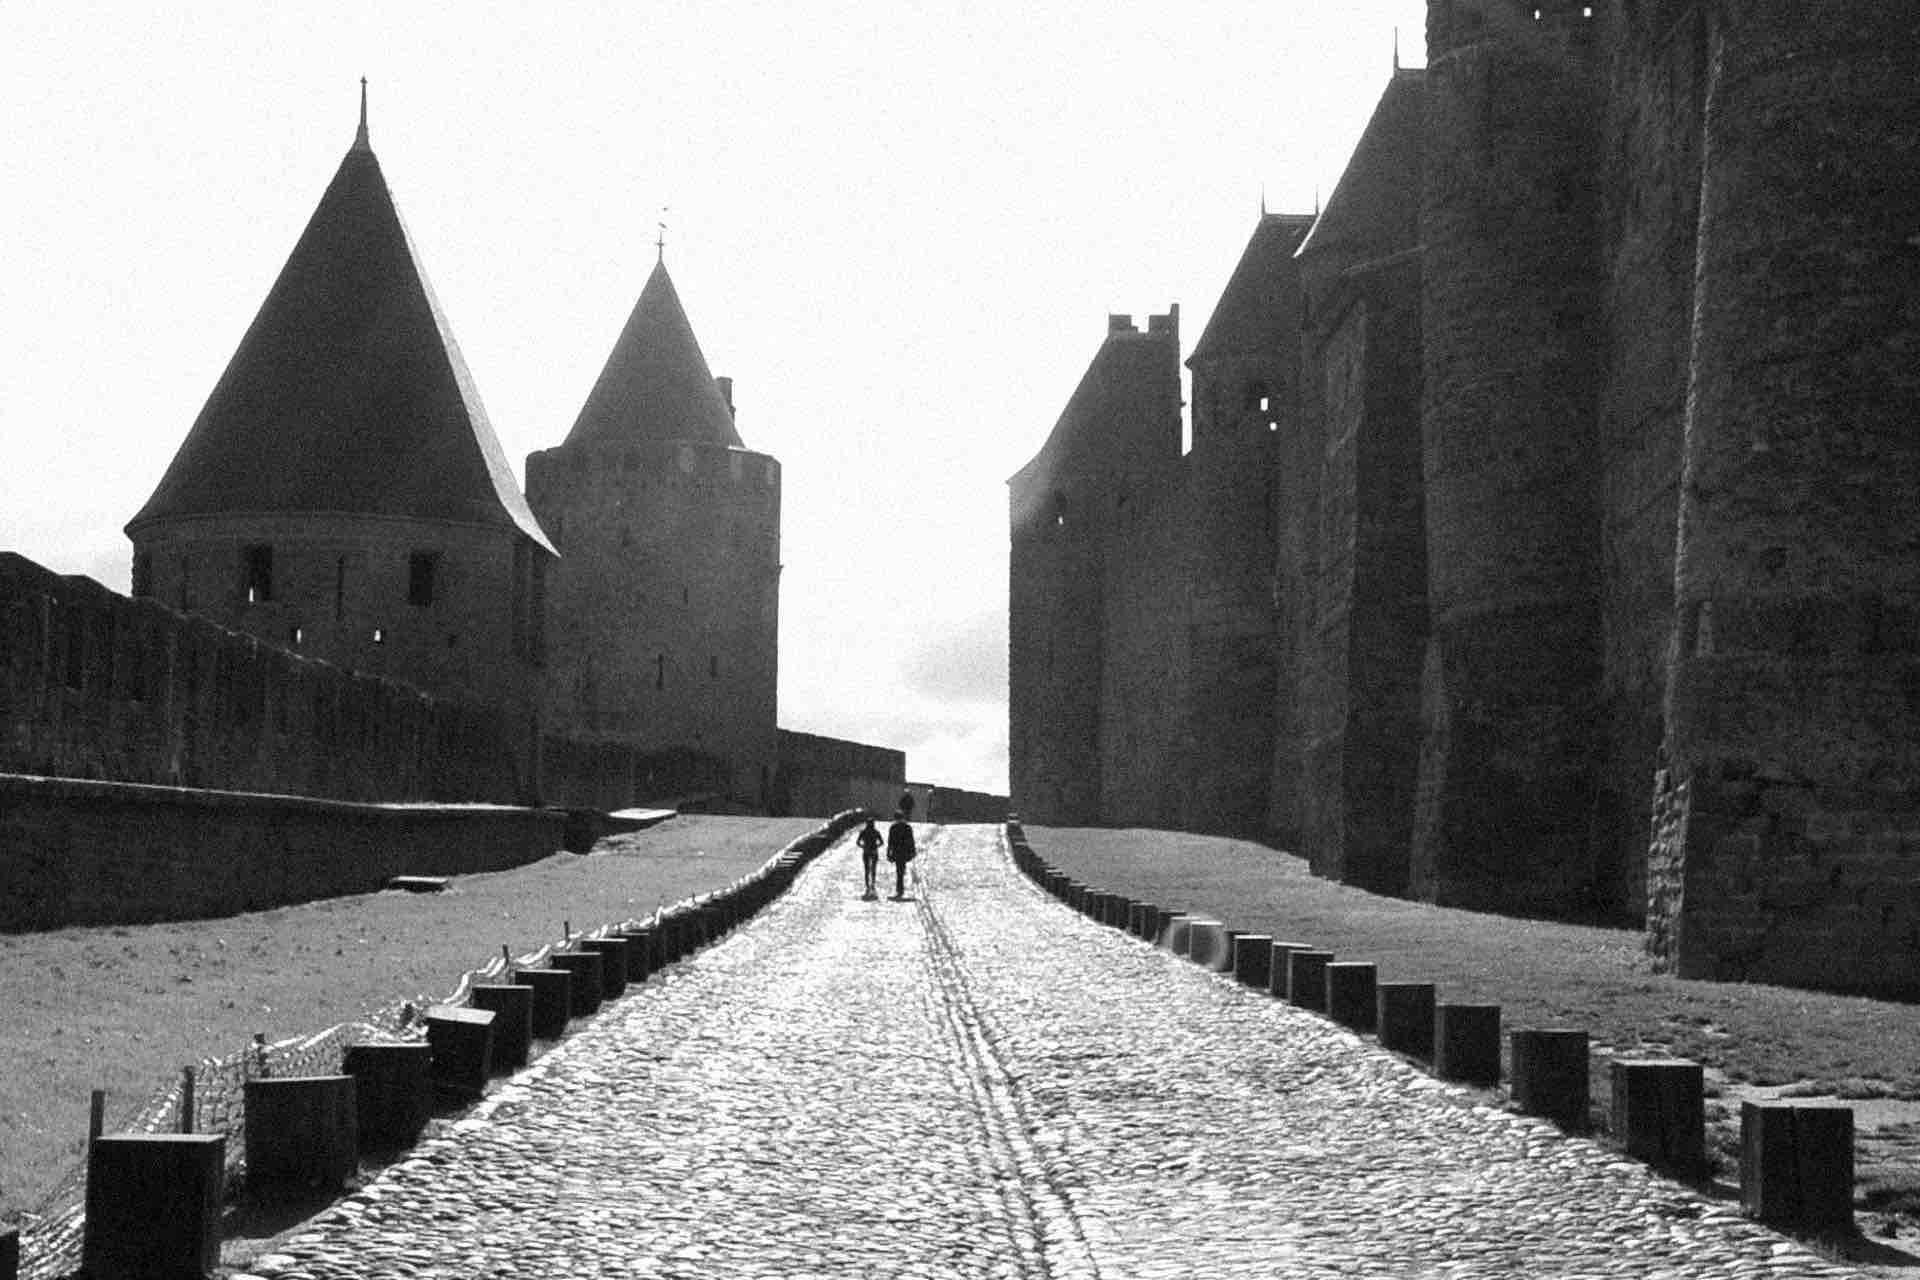 cite-carcassonne-mischa-harmeijer-restaurant-comte-roger